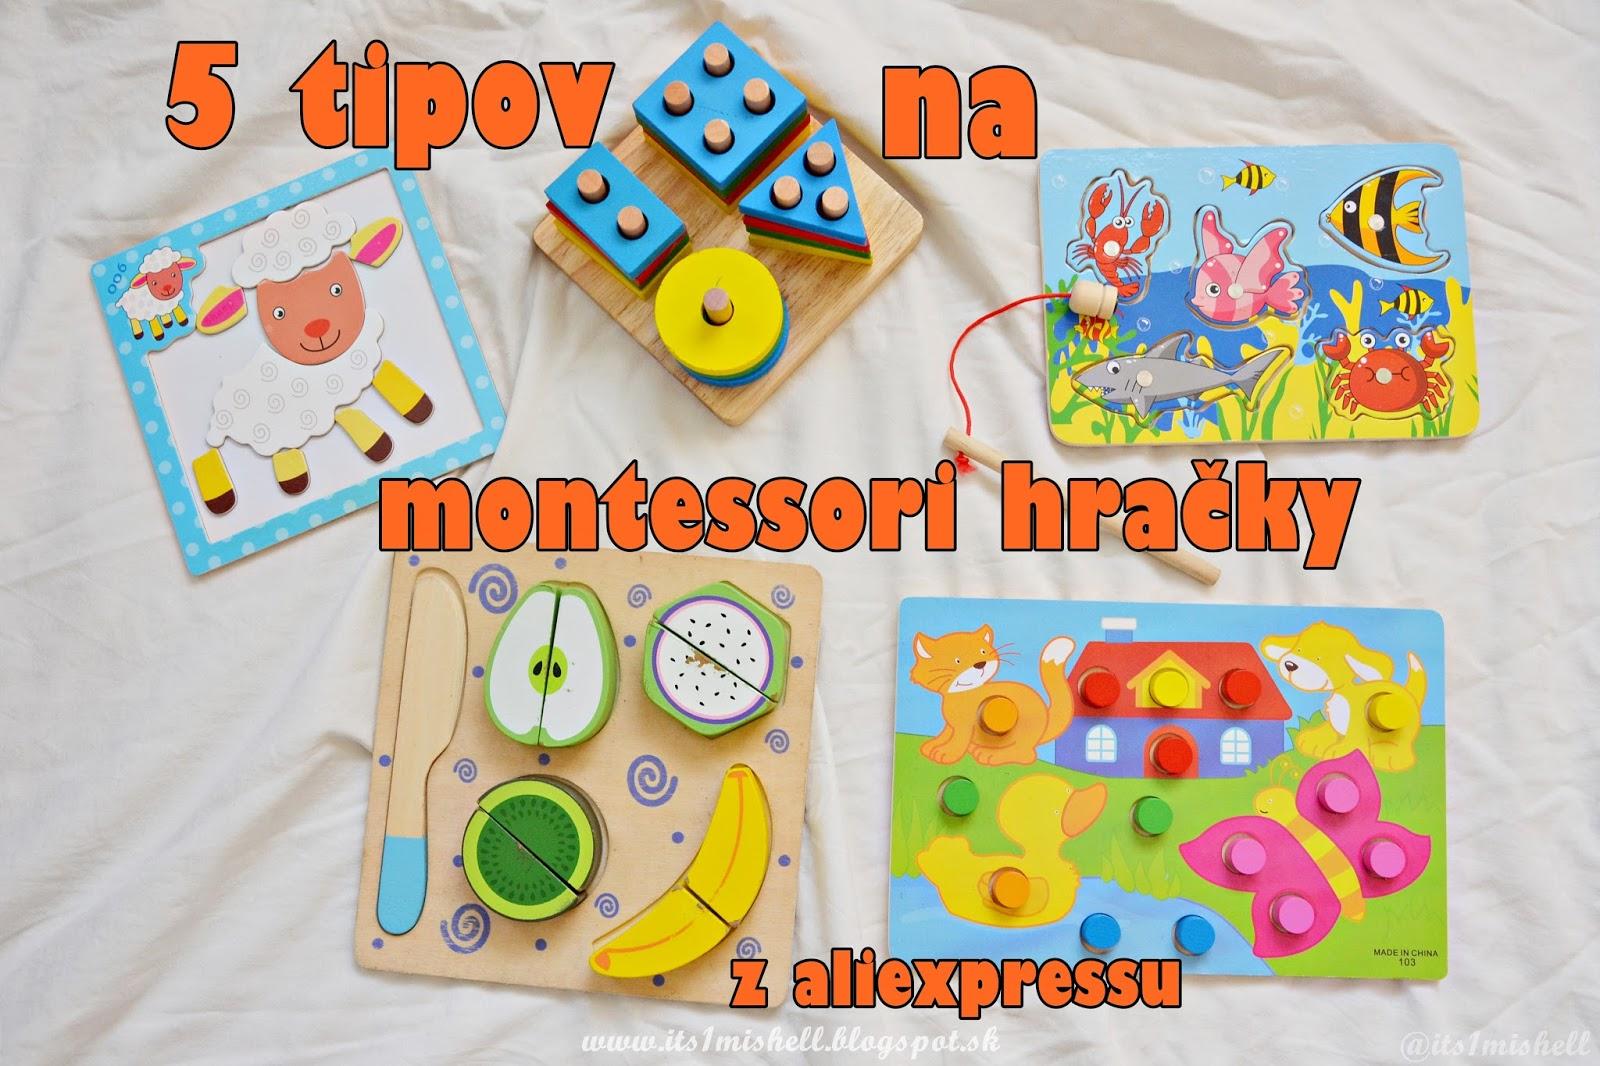 Obyčajný blog obyčajnej ženy  5 skvelých tipov na montessori hračky ... ca6d00fcf54